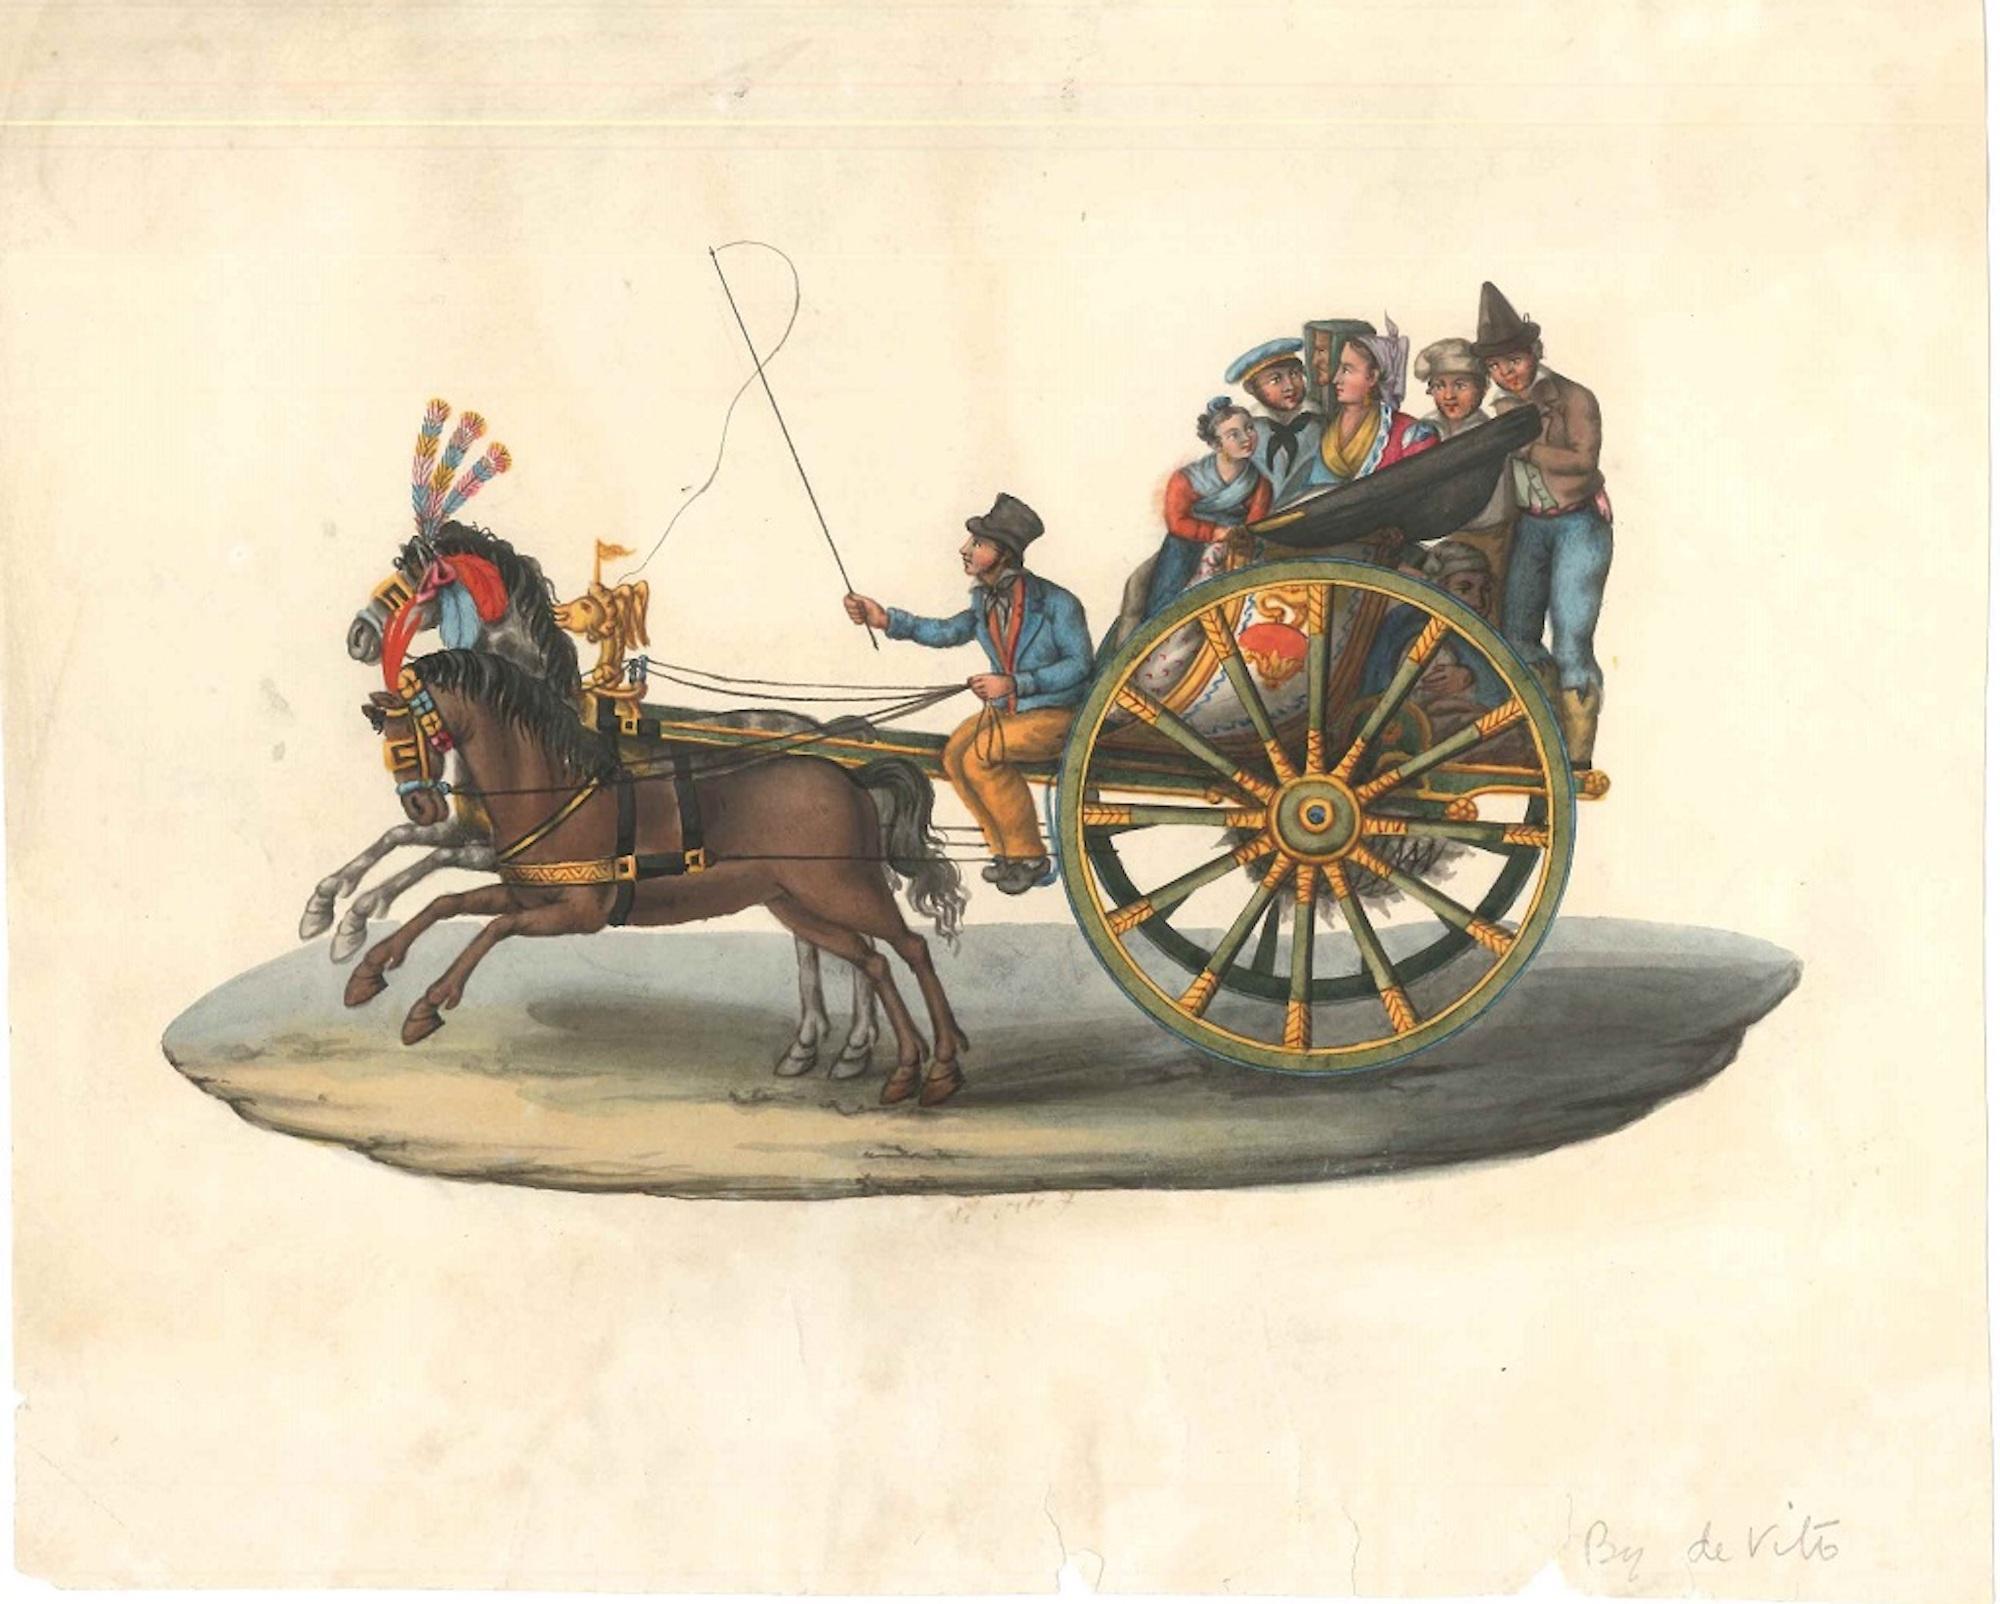 Carretto Siciliano (Sicilian Carriage) - Watercolor by M. De Vito - 1820 ca.